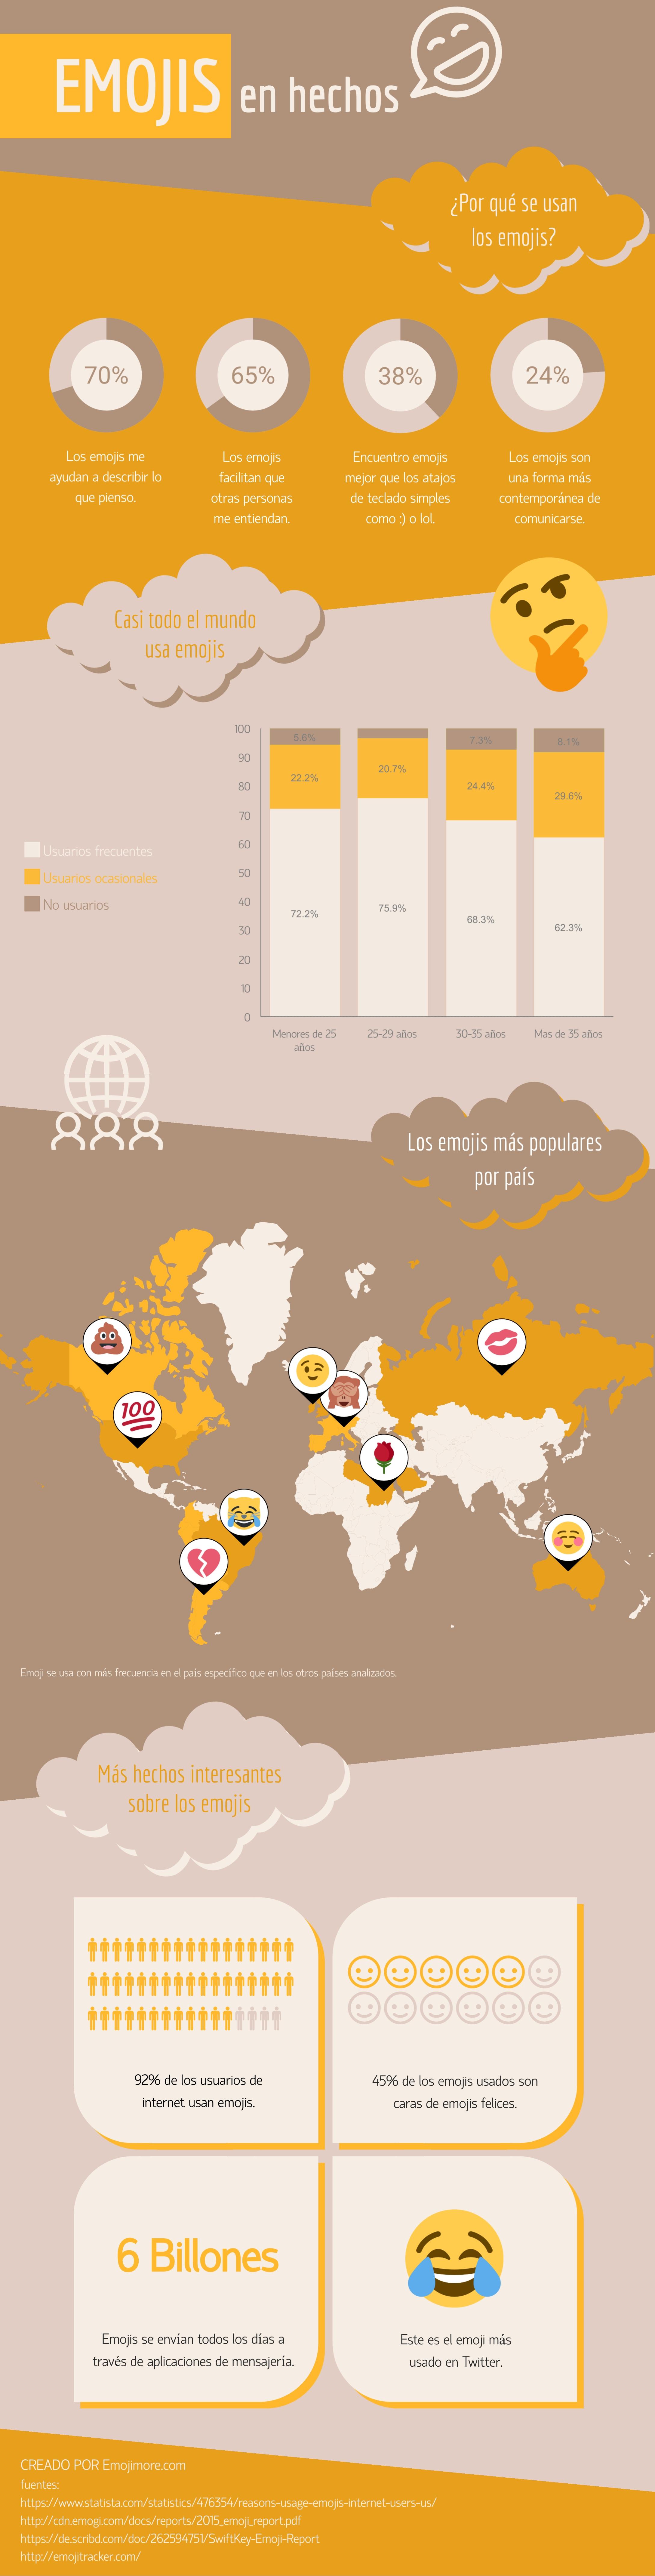 Los emojis en datos.  Fuente: Emoji more